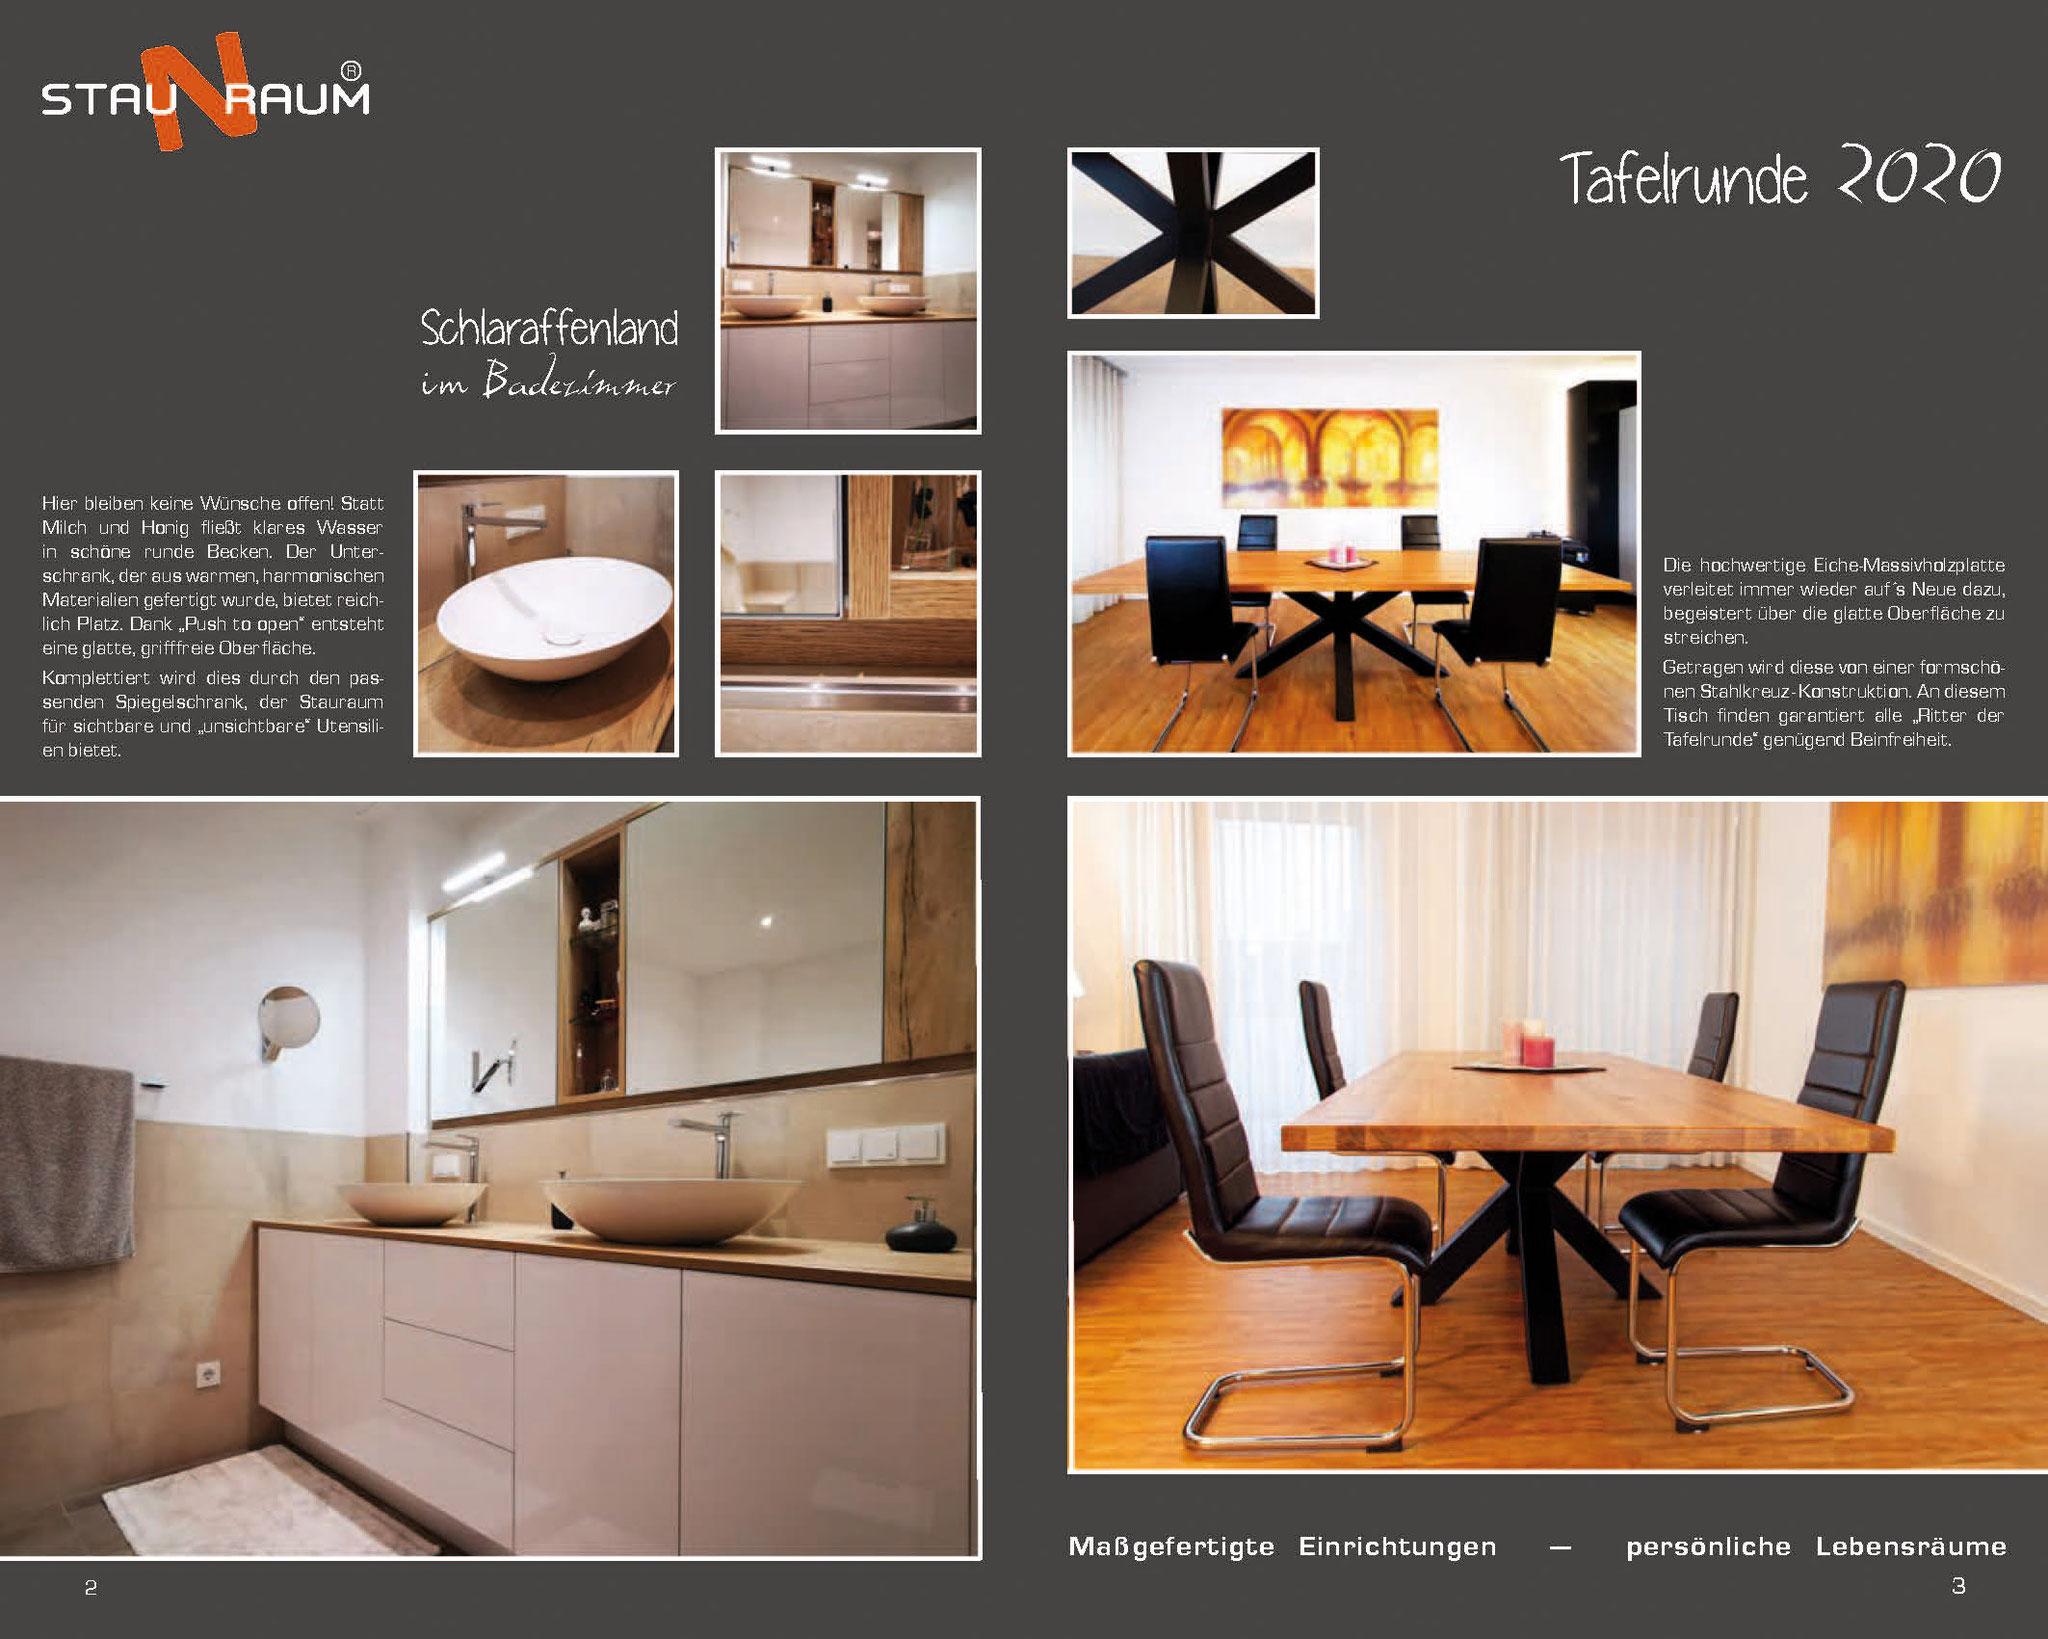 Prospekt 2020, S.2 Bad Möbel, S.3 Tisch im Industie-Design